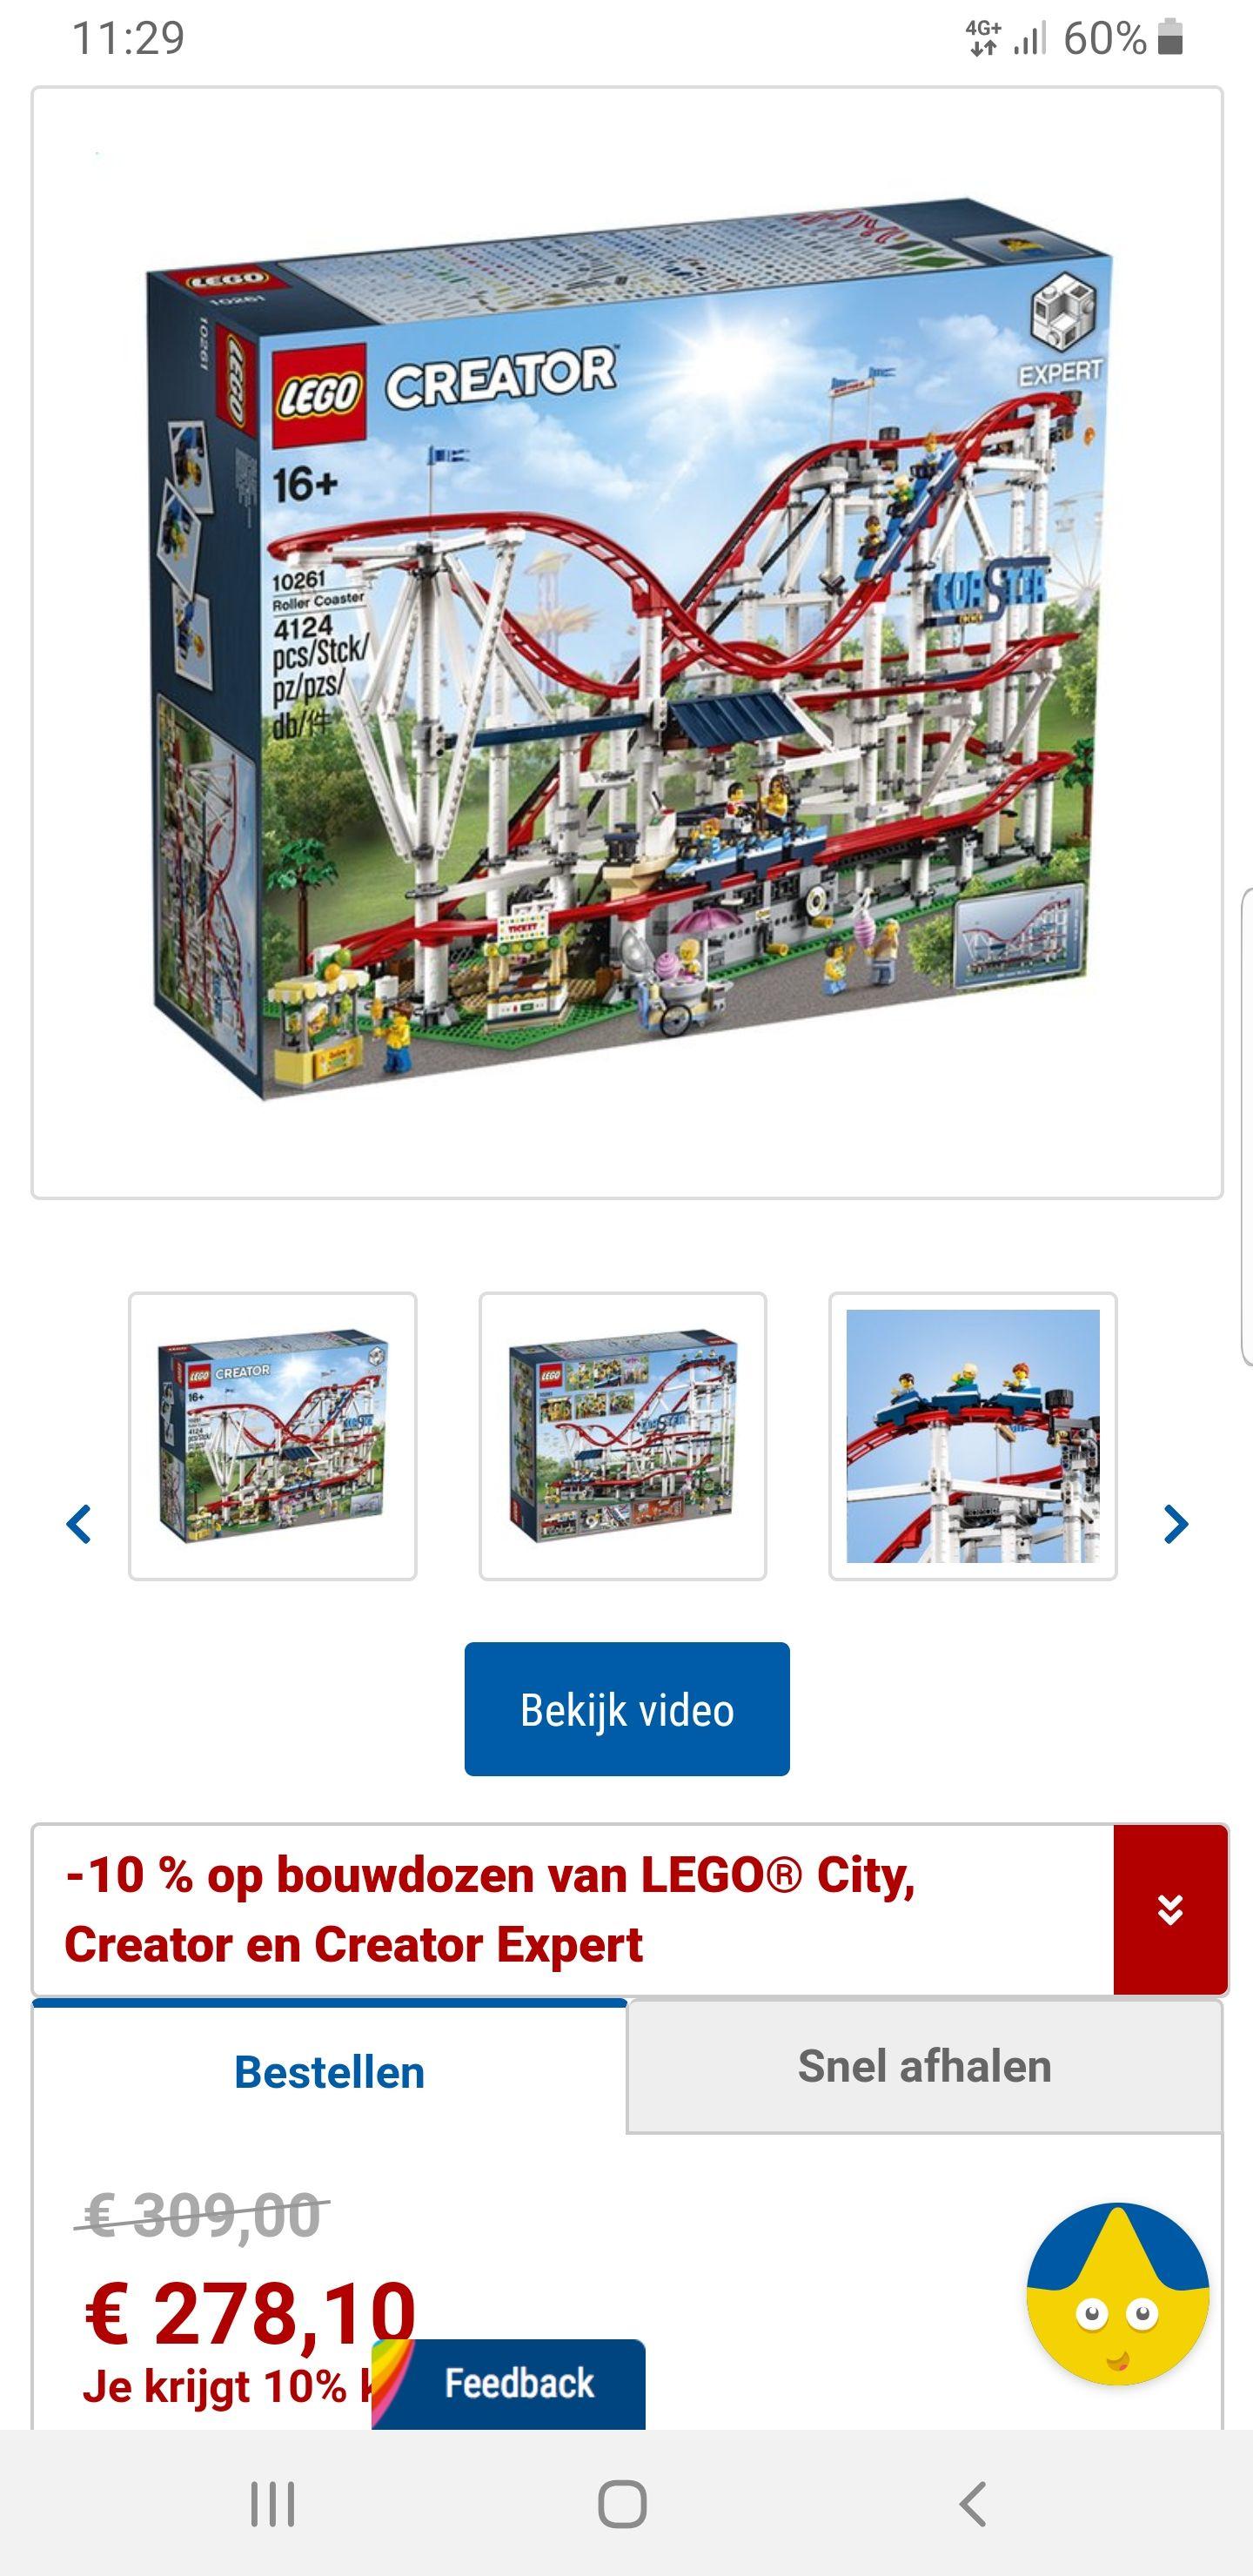 10% korting lego creator en expert